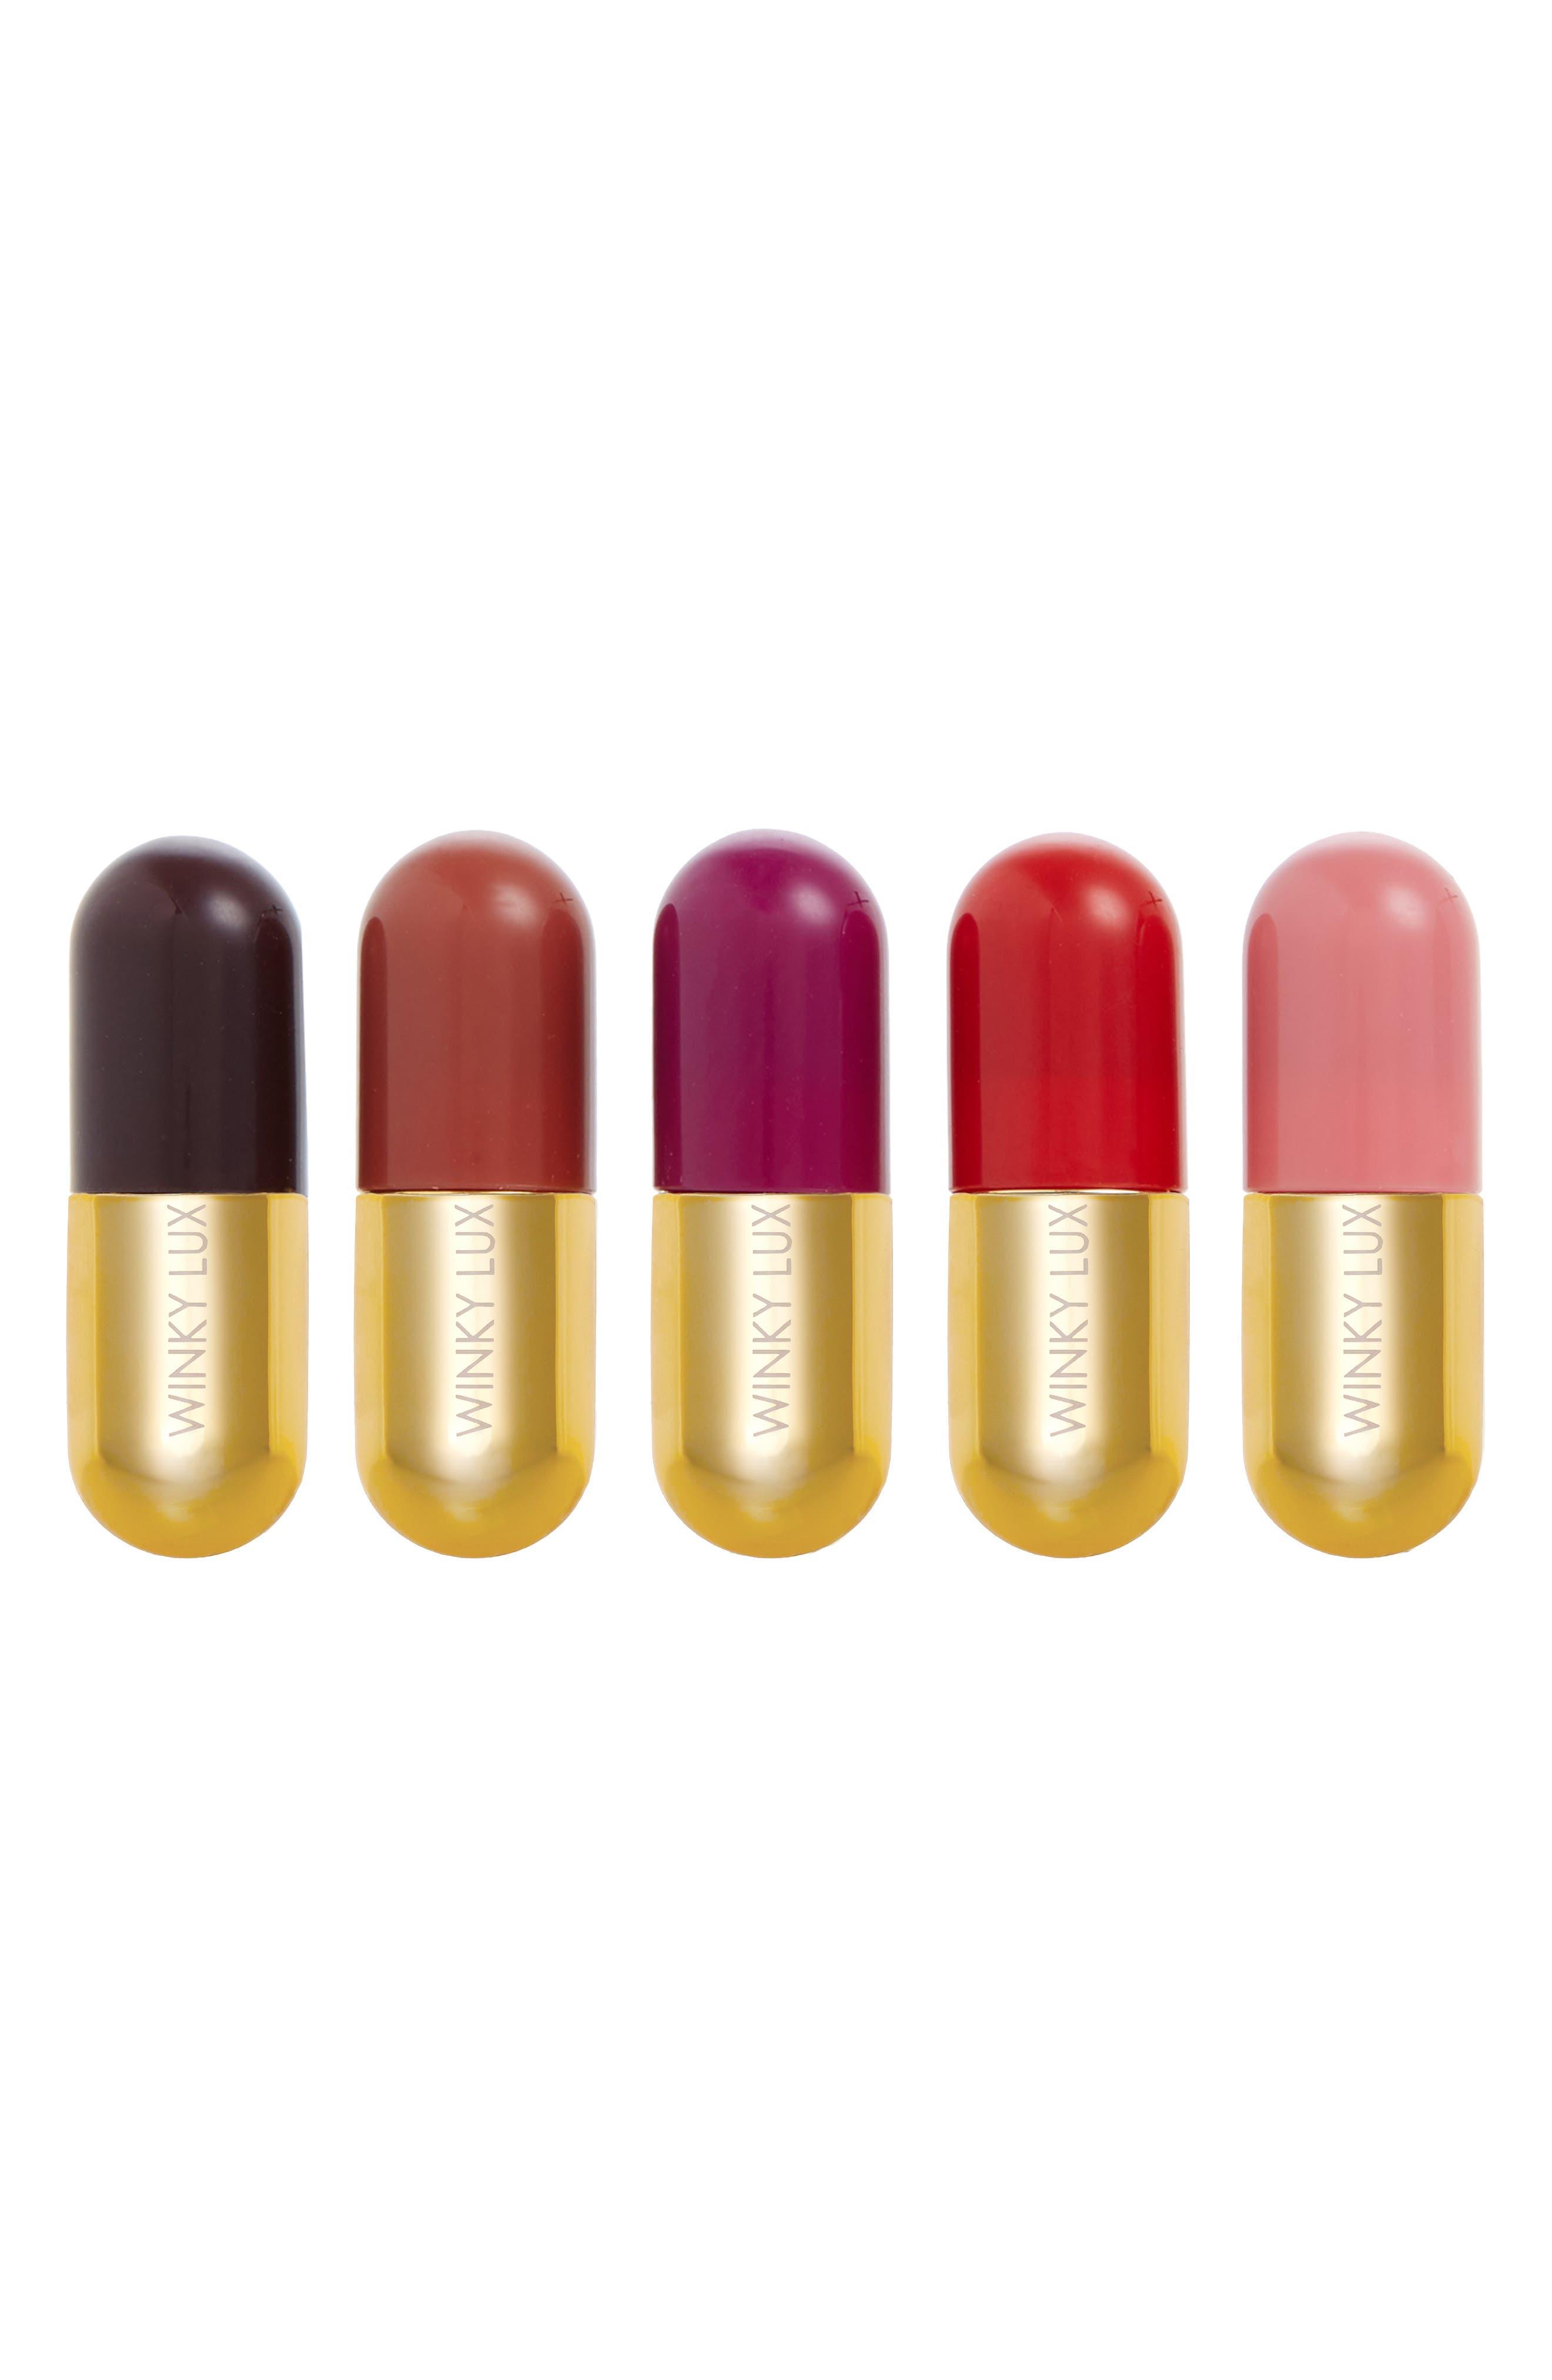 Mini Lip Pill Kit,                             Main thumbnail 1, color,                             NO COLOR